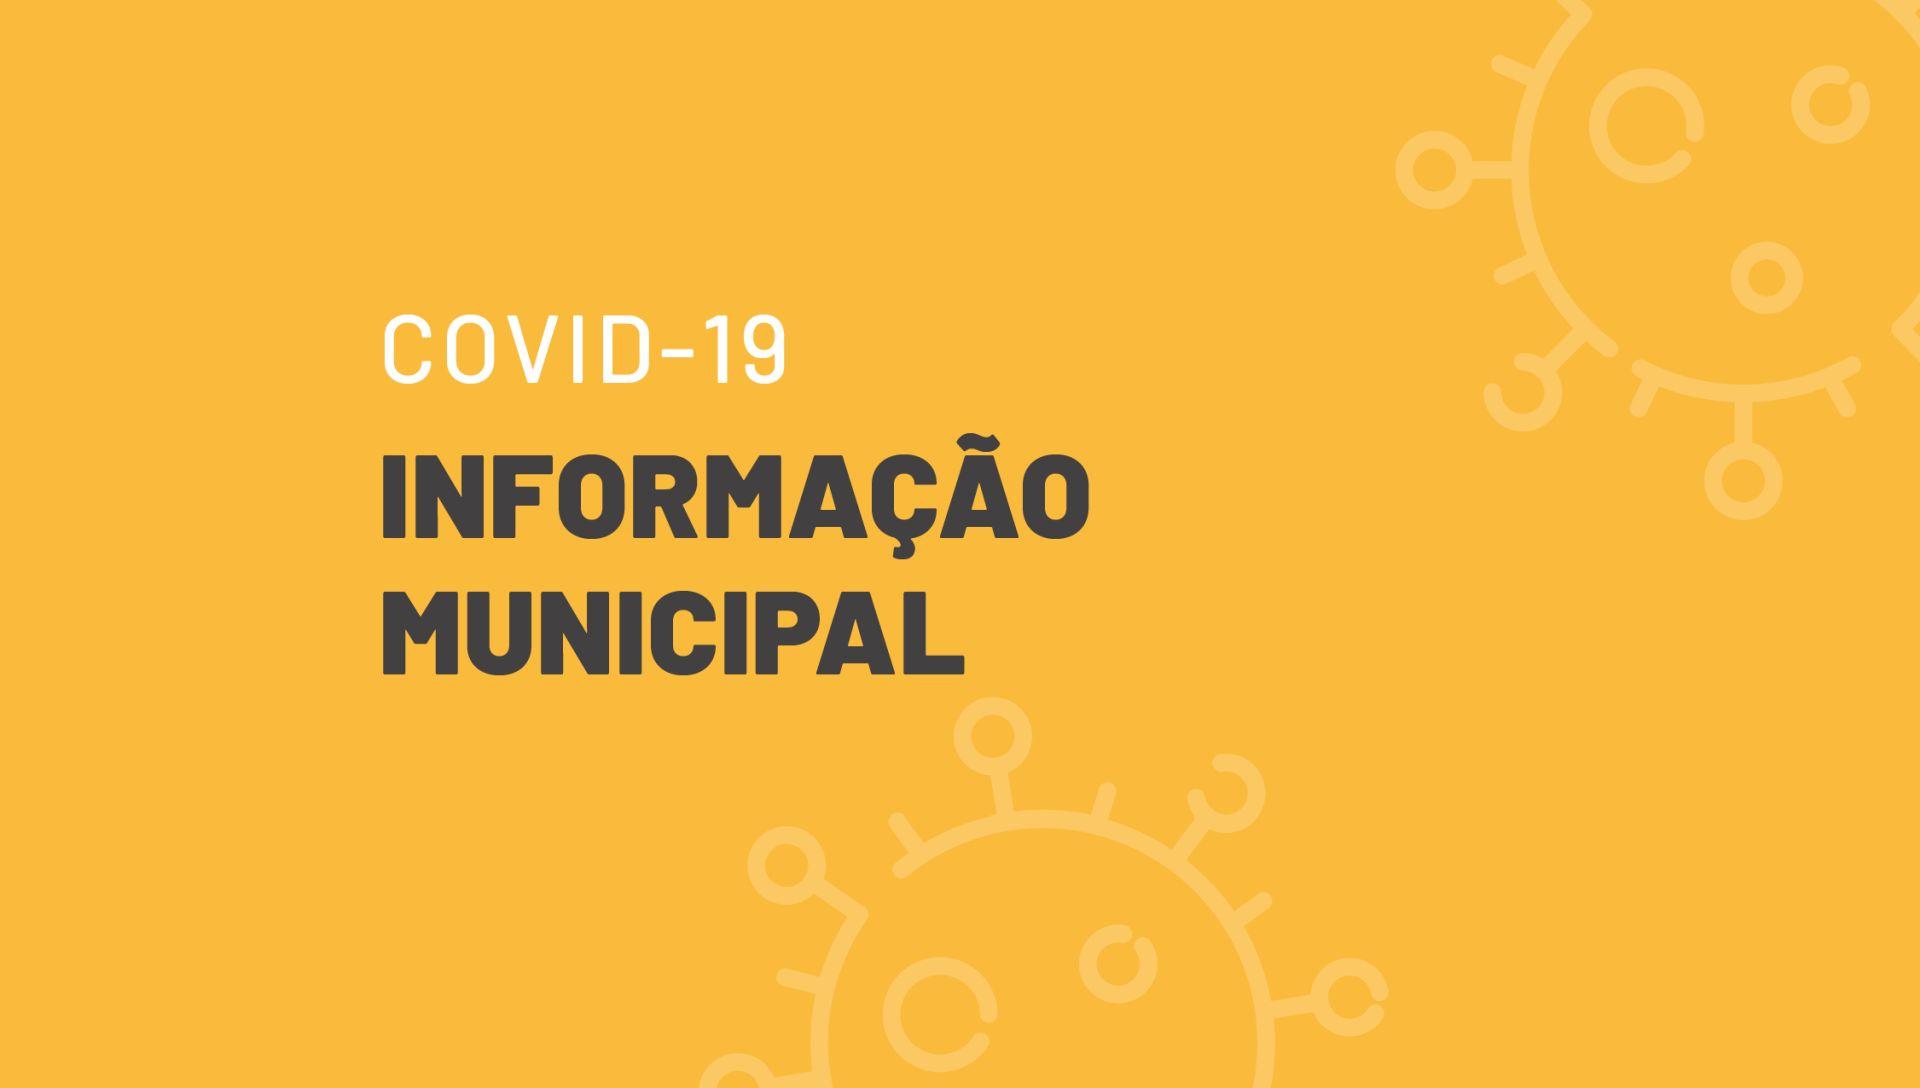 (Português) CONCELHO DE ÉVORA REGISTA ZERO CASOS ATIVOS DE COVID19